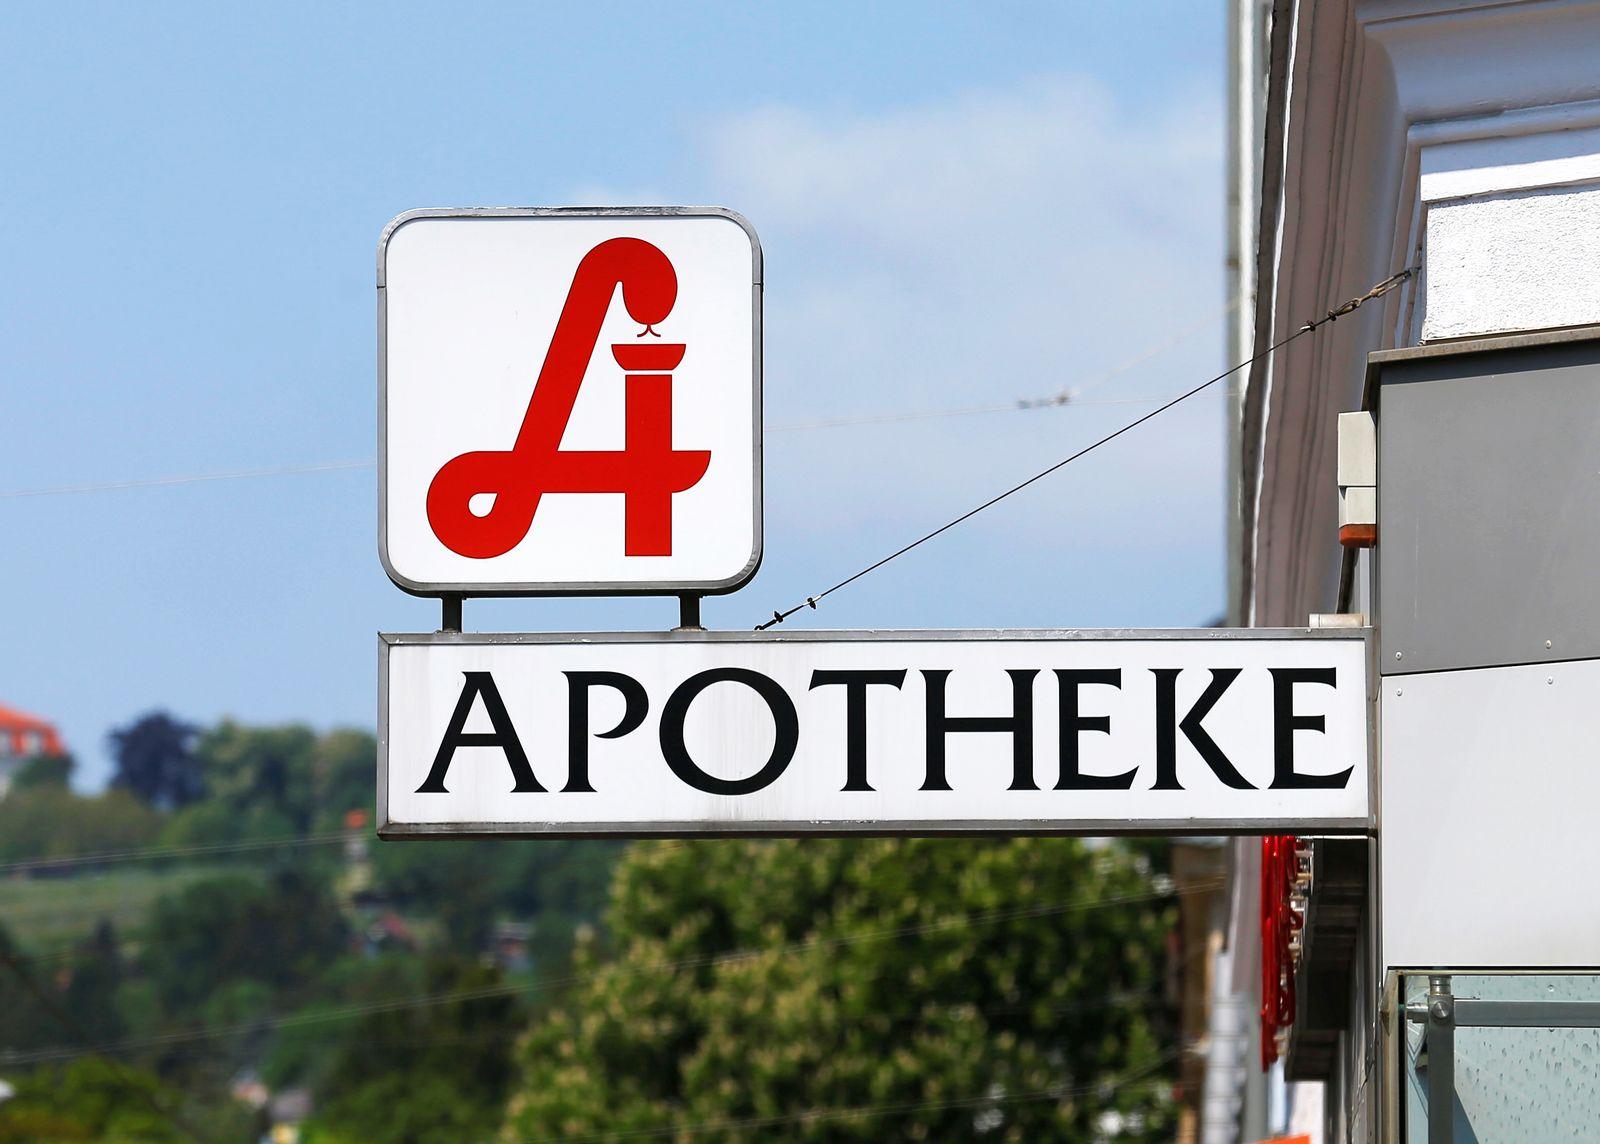 Apotheke/ Wien/ Österreich